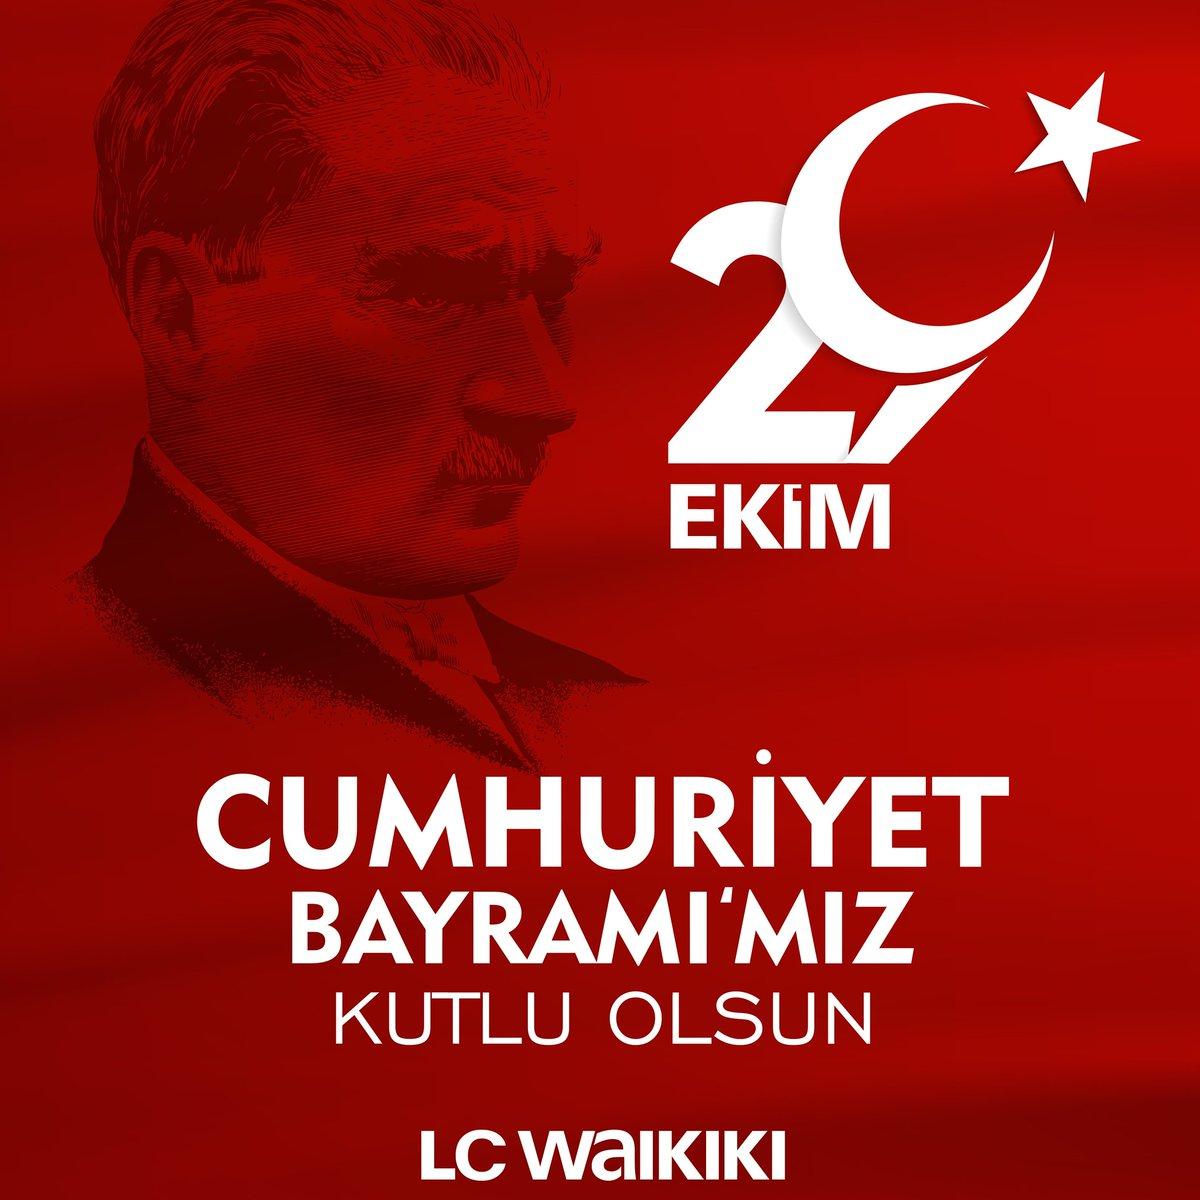 29 Ekim Cumhuriyet Bayramı'mız Kutlu Olsun 🇹🇷 #29ekim #cumhuriyetbayramı #lcwaikiki https://t.co/pl0XcjdPsK